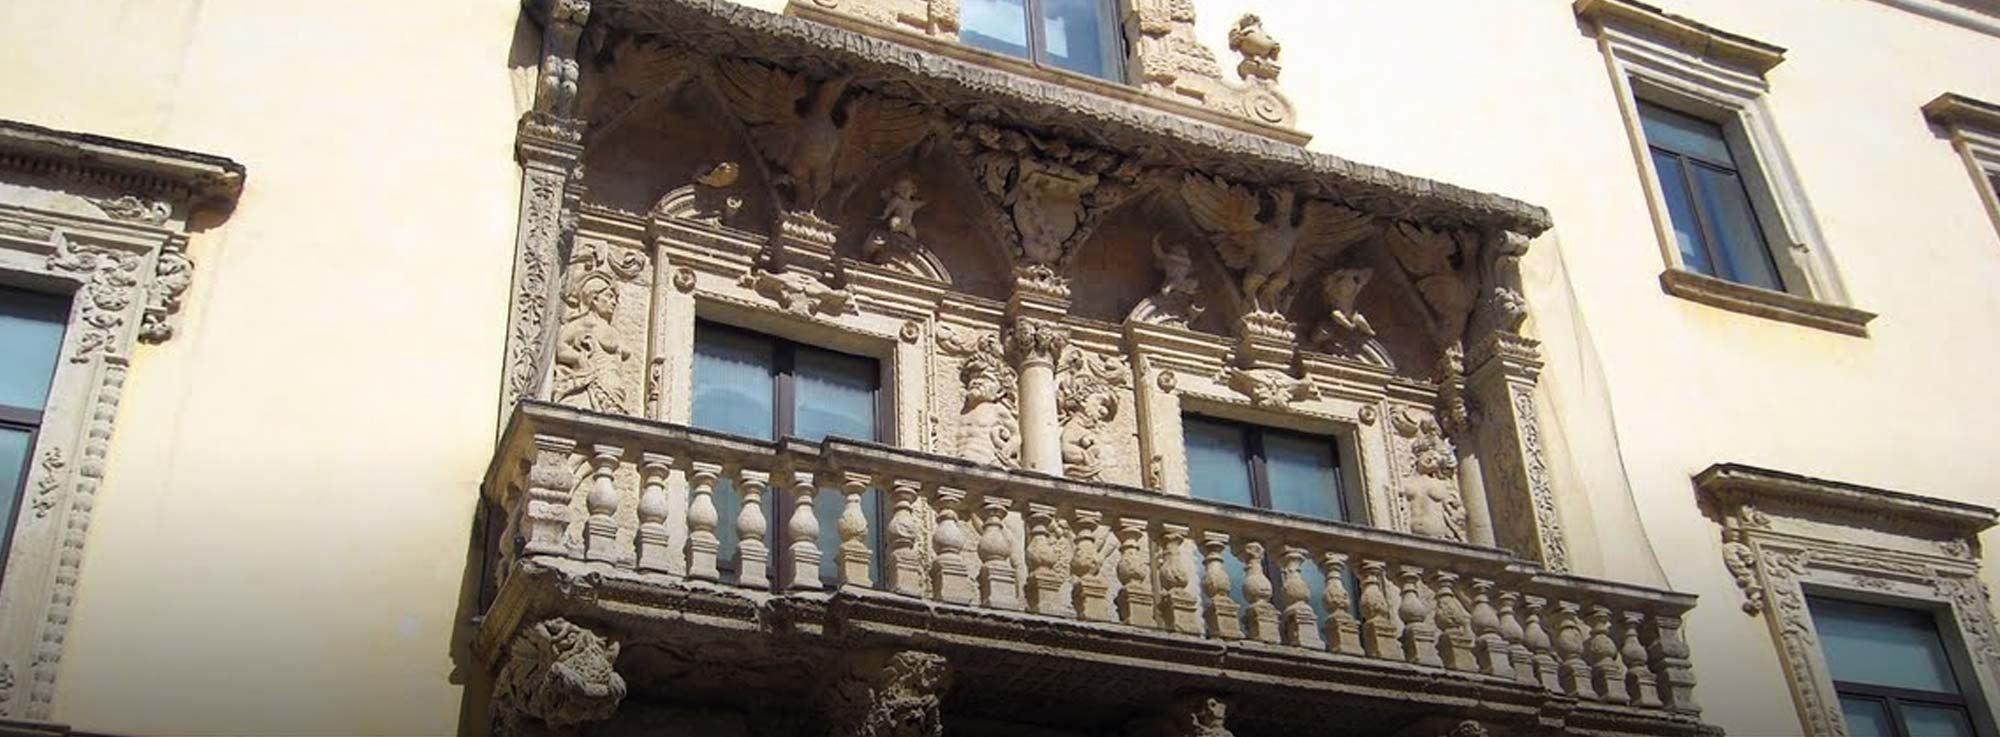 Barletta: Boldini. L'incantesimo della pittura. Capolavori dal Museo Boldini di Ferrara